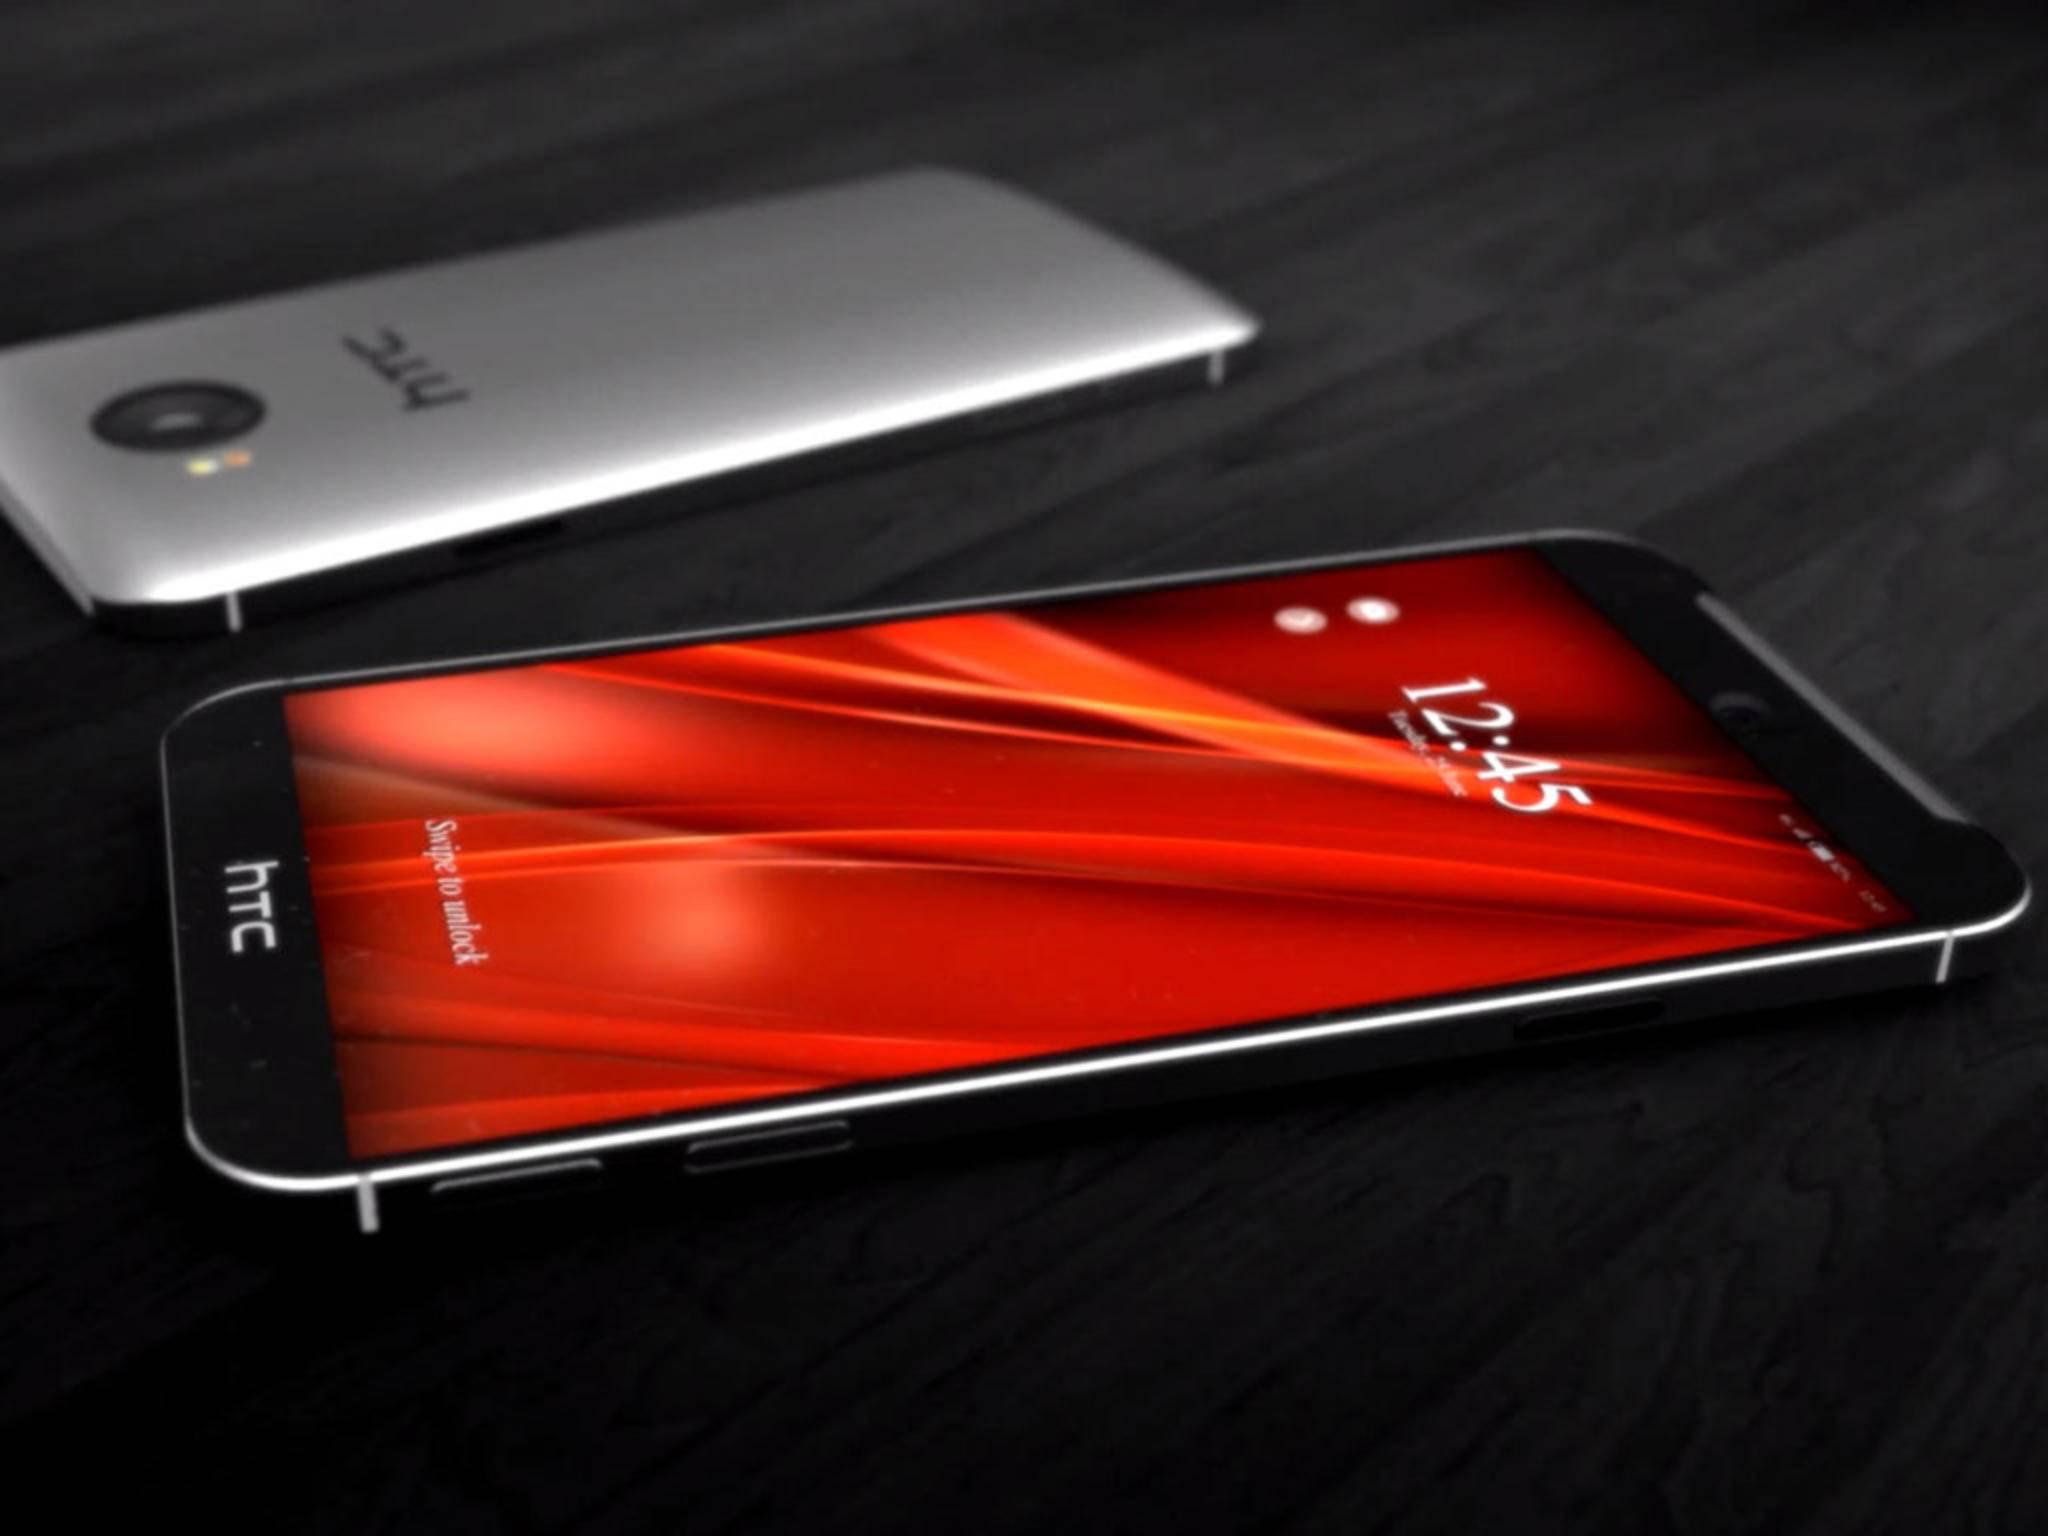 Arbeitet HTC mit dem One M10 bereits an einem neuen Smartphone-Flaggschiff?